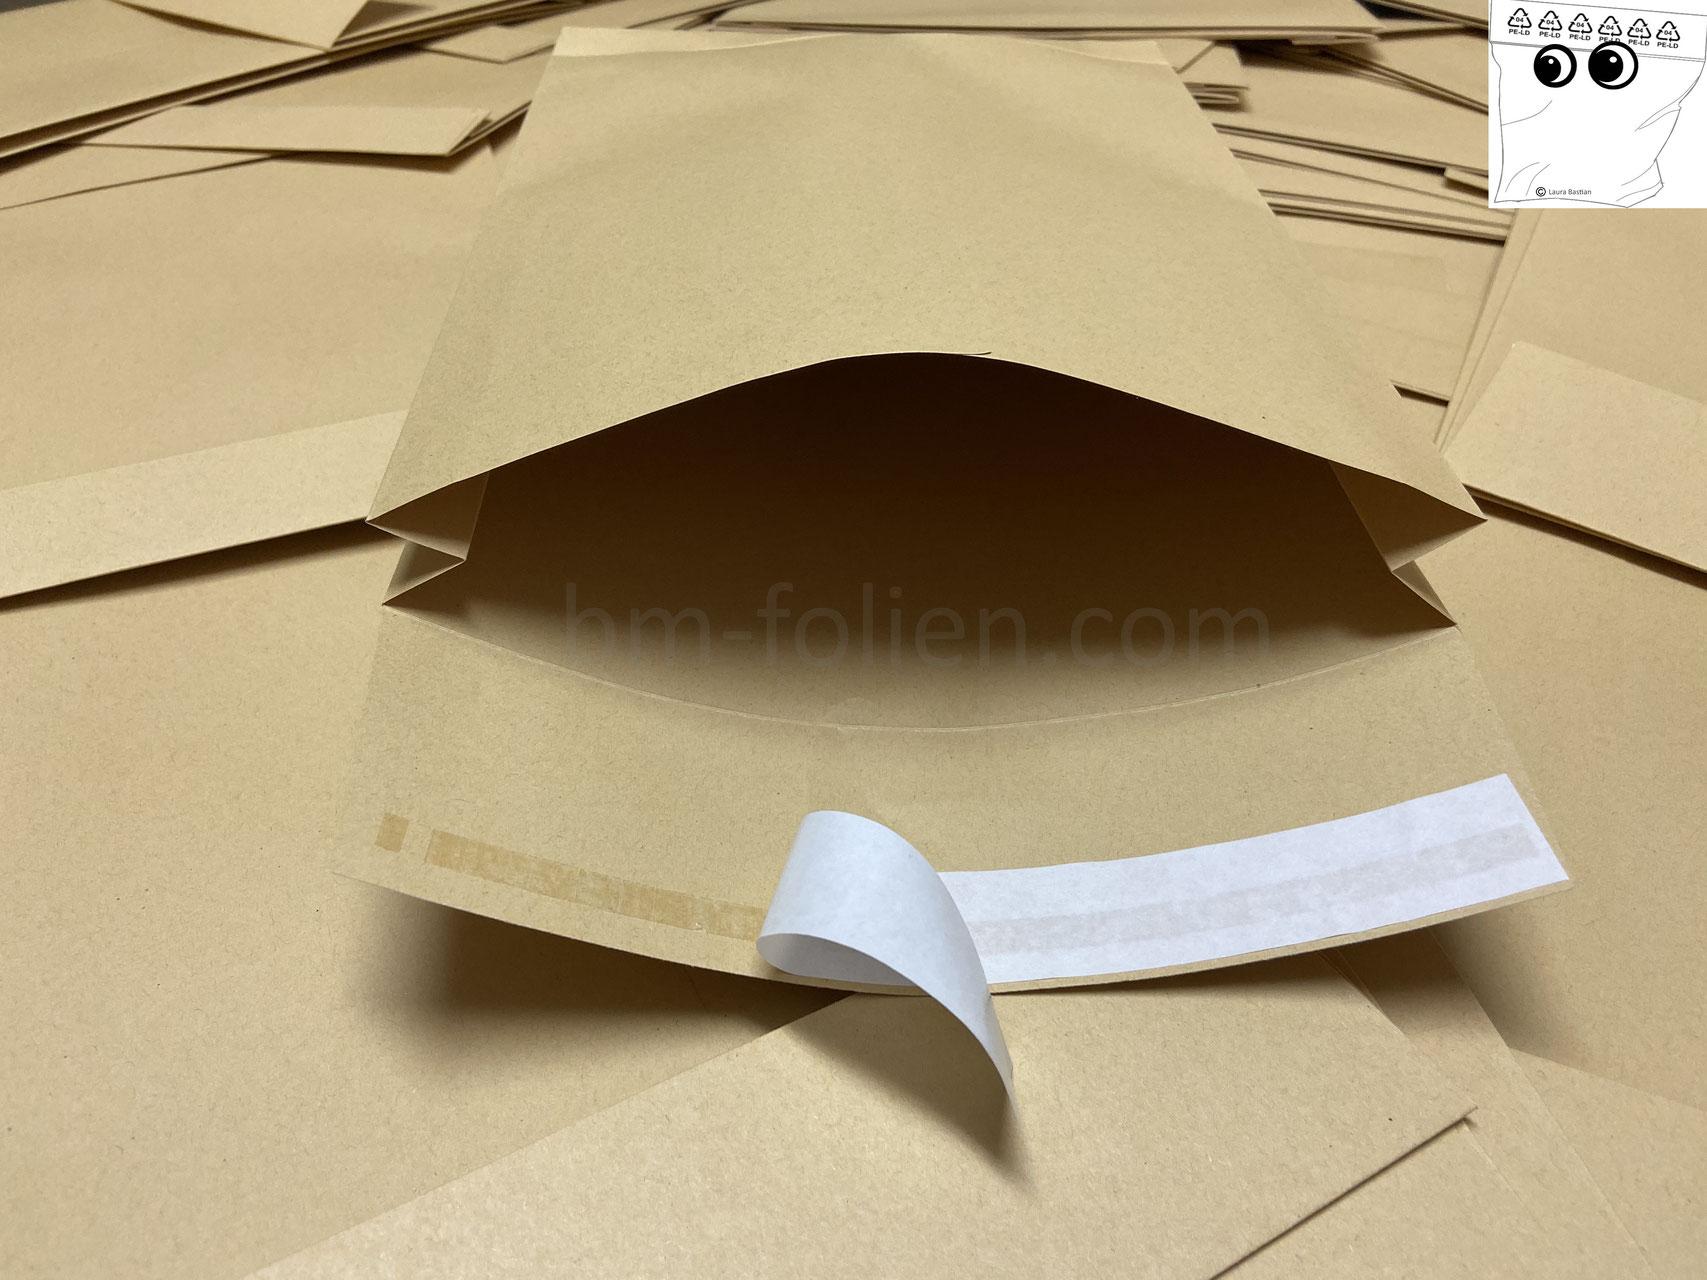 stabile 140 g//qm und sicher verpackt 100 Faltentaschen B 4-250 x 353 x 40 mm